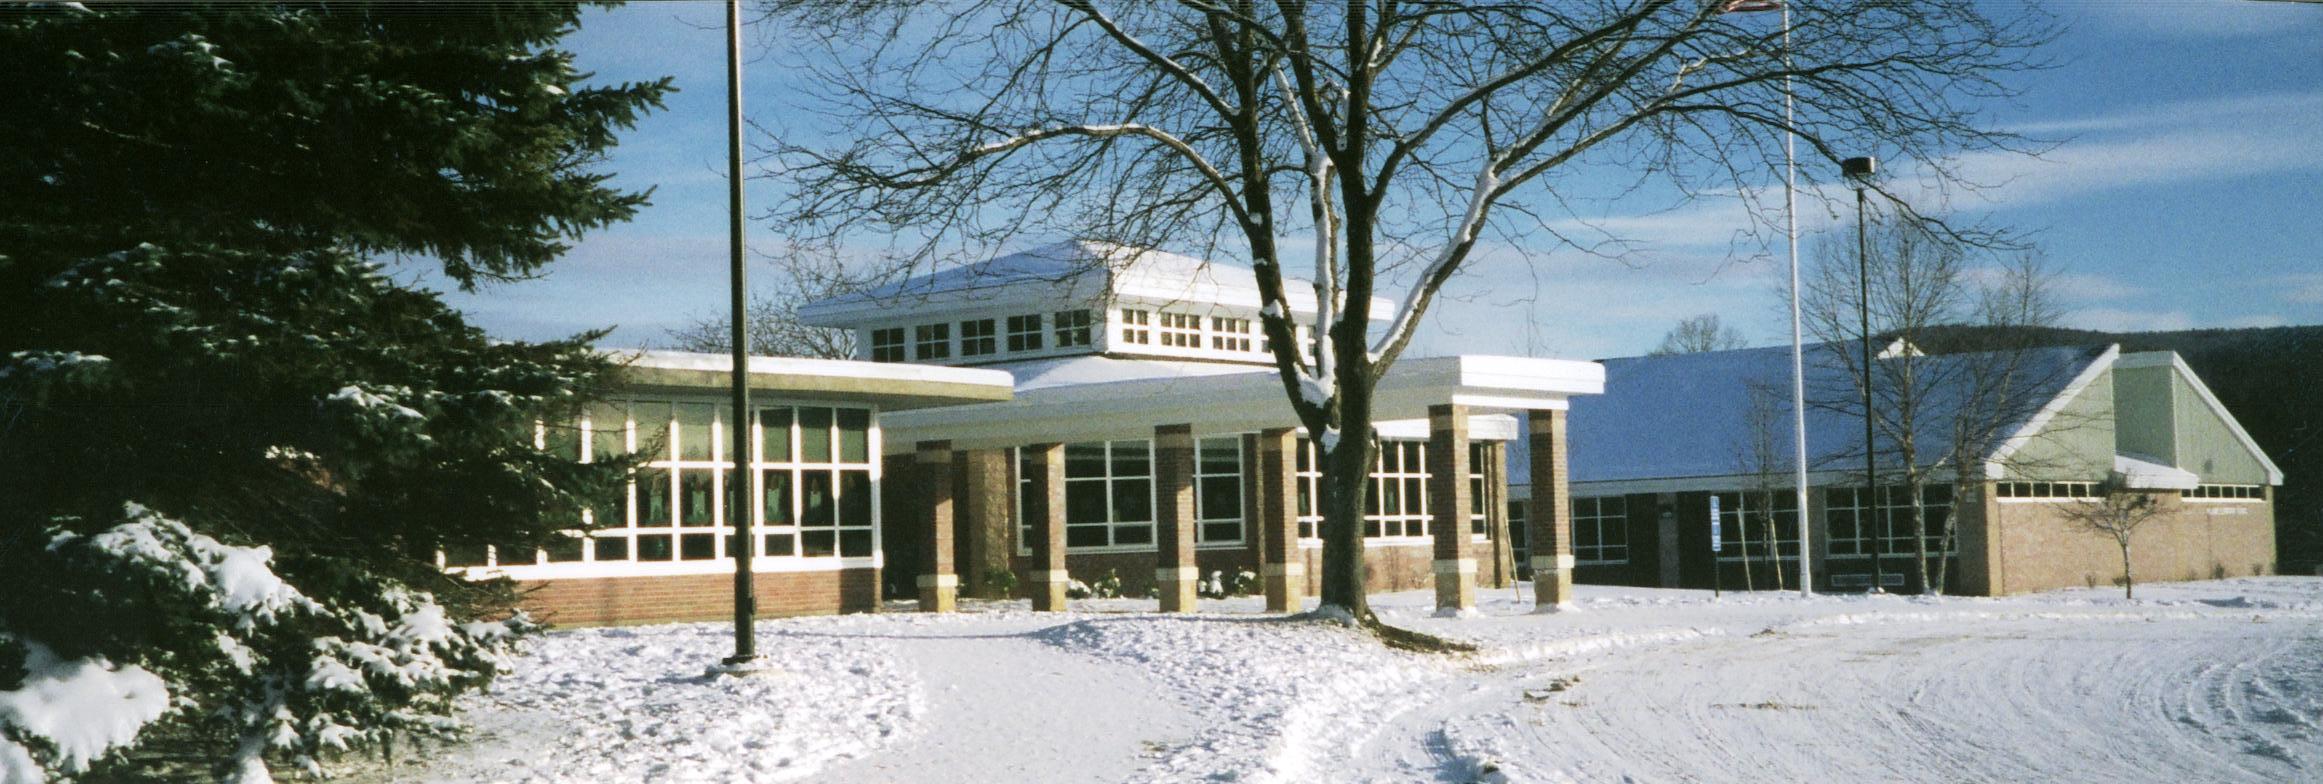 Williams Elementary School, Pittsfield, Massachusetts